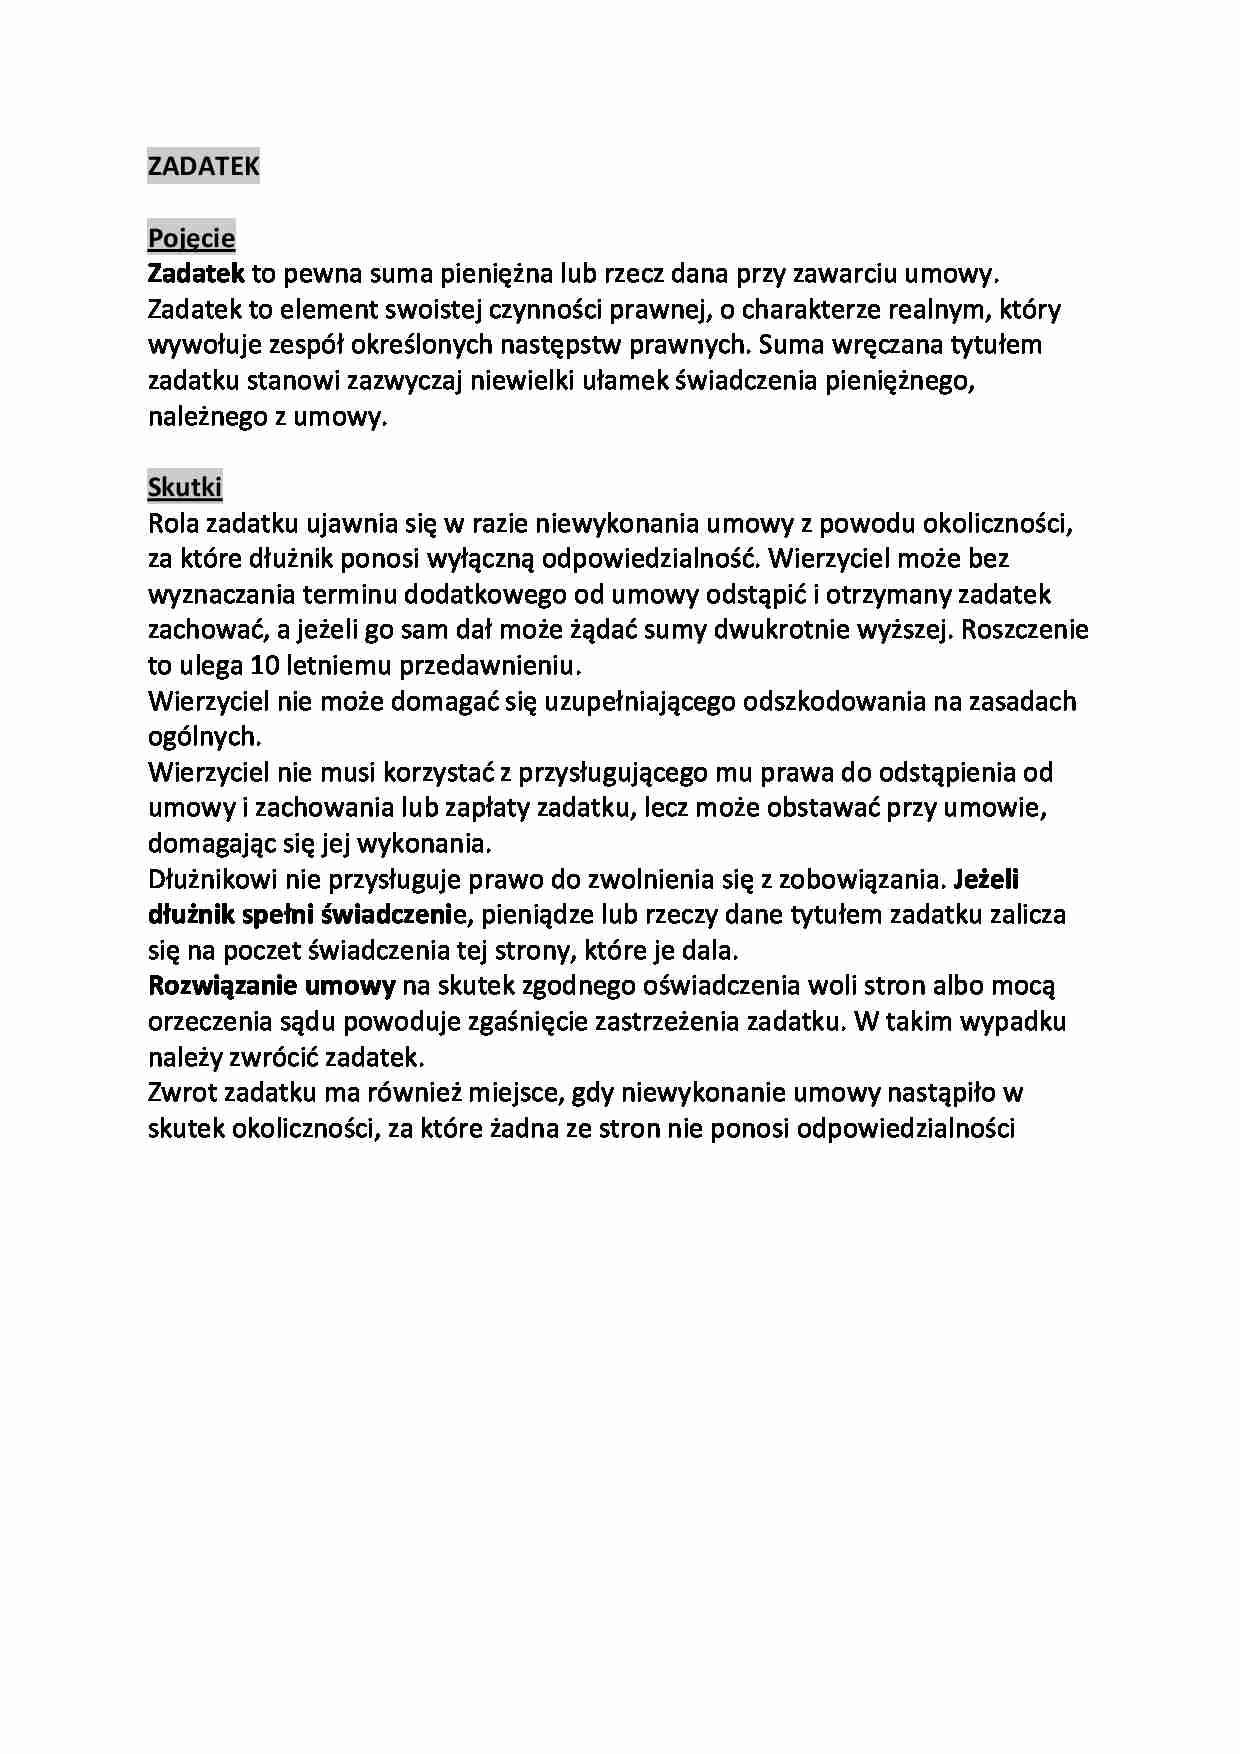 9f7dc8d83df036 Zadatek - omówienie - Notatek.pl